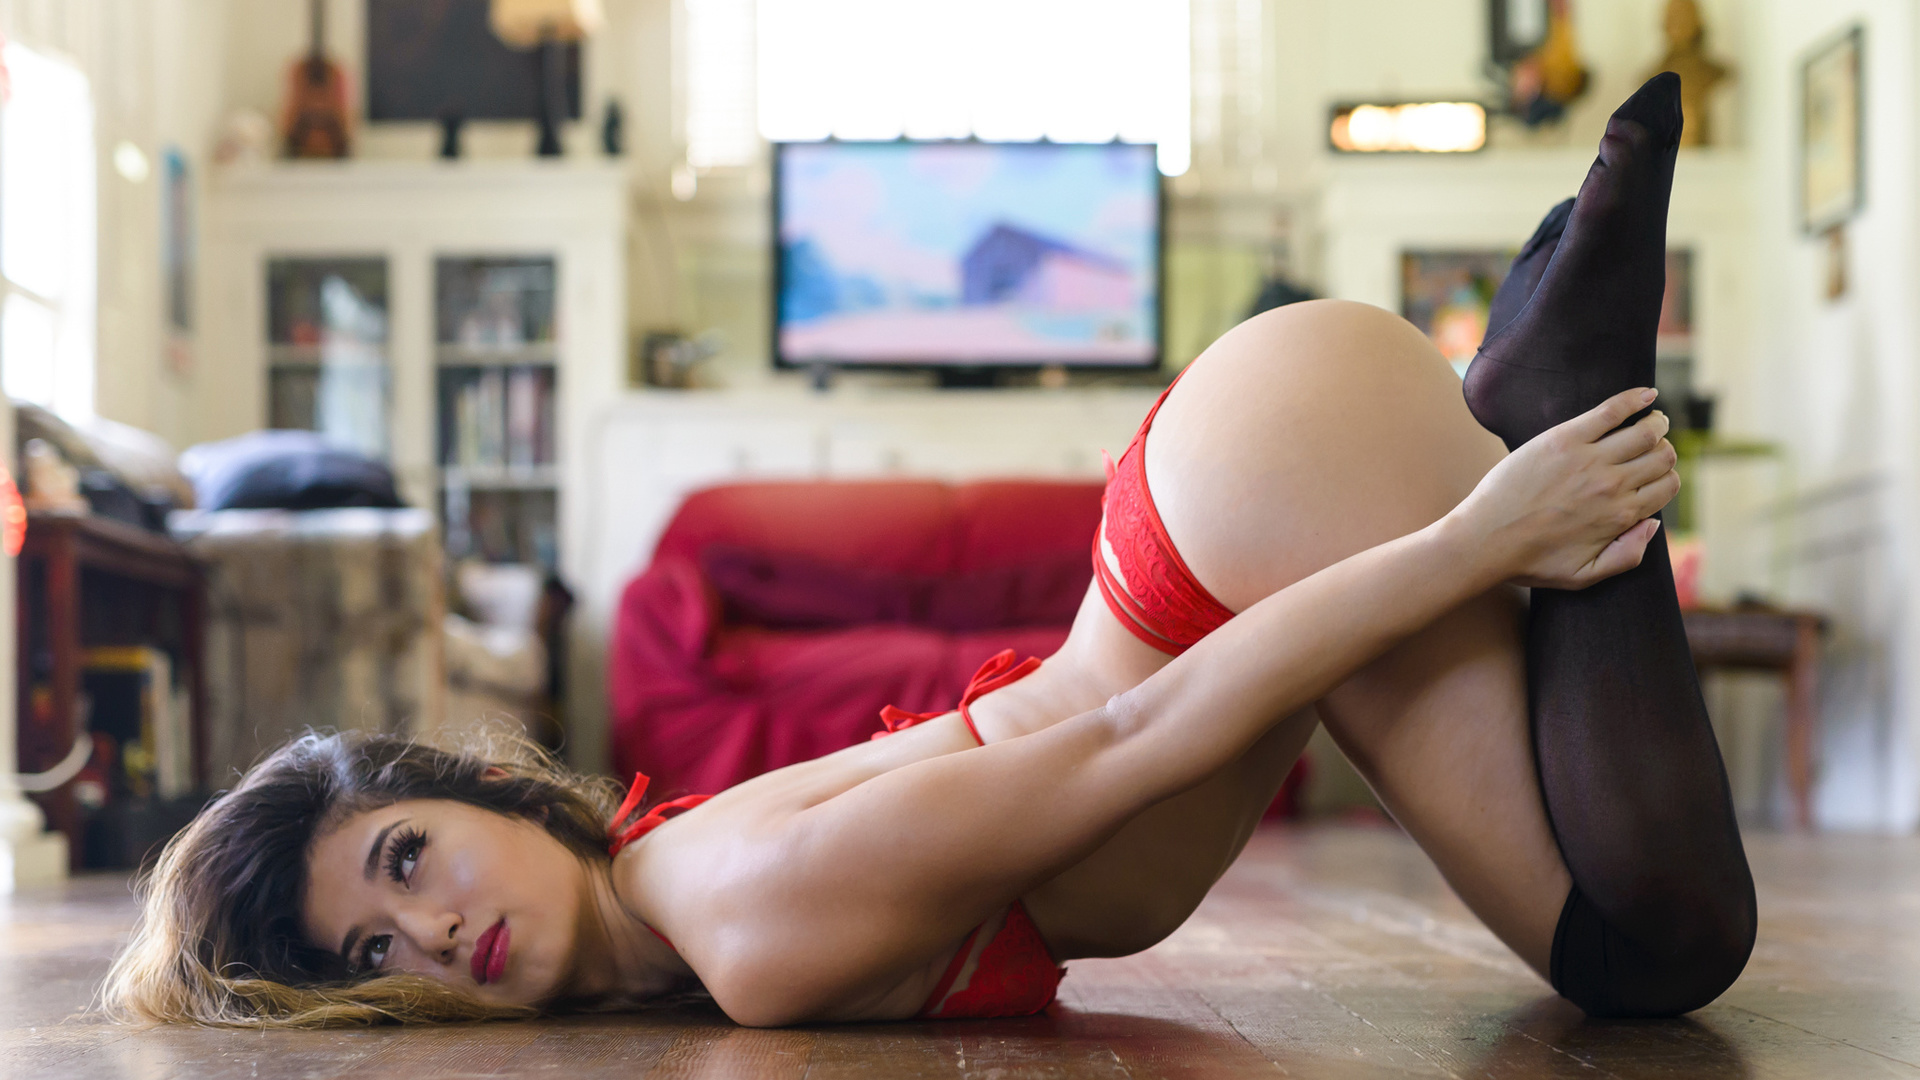 Sweet sexy ass #10